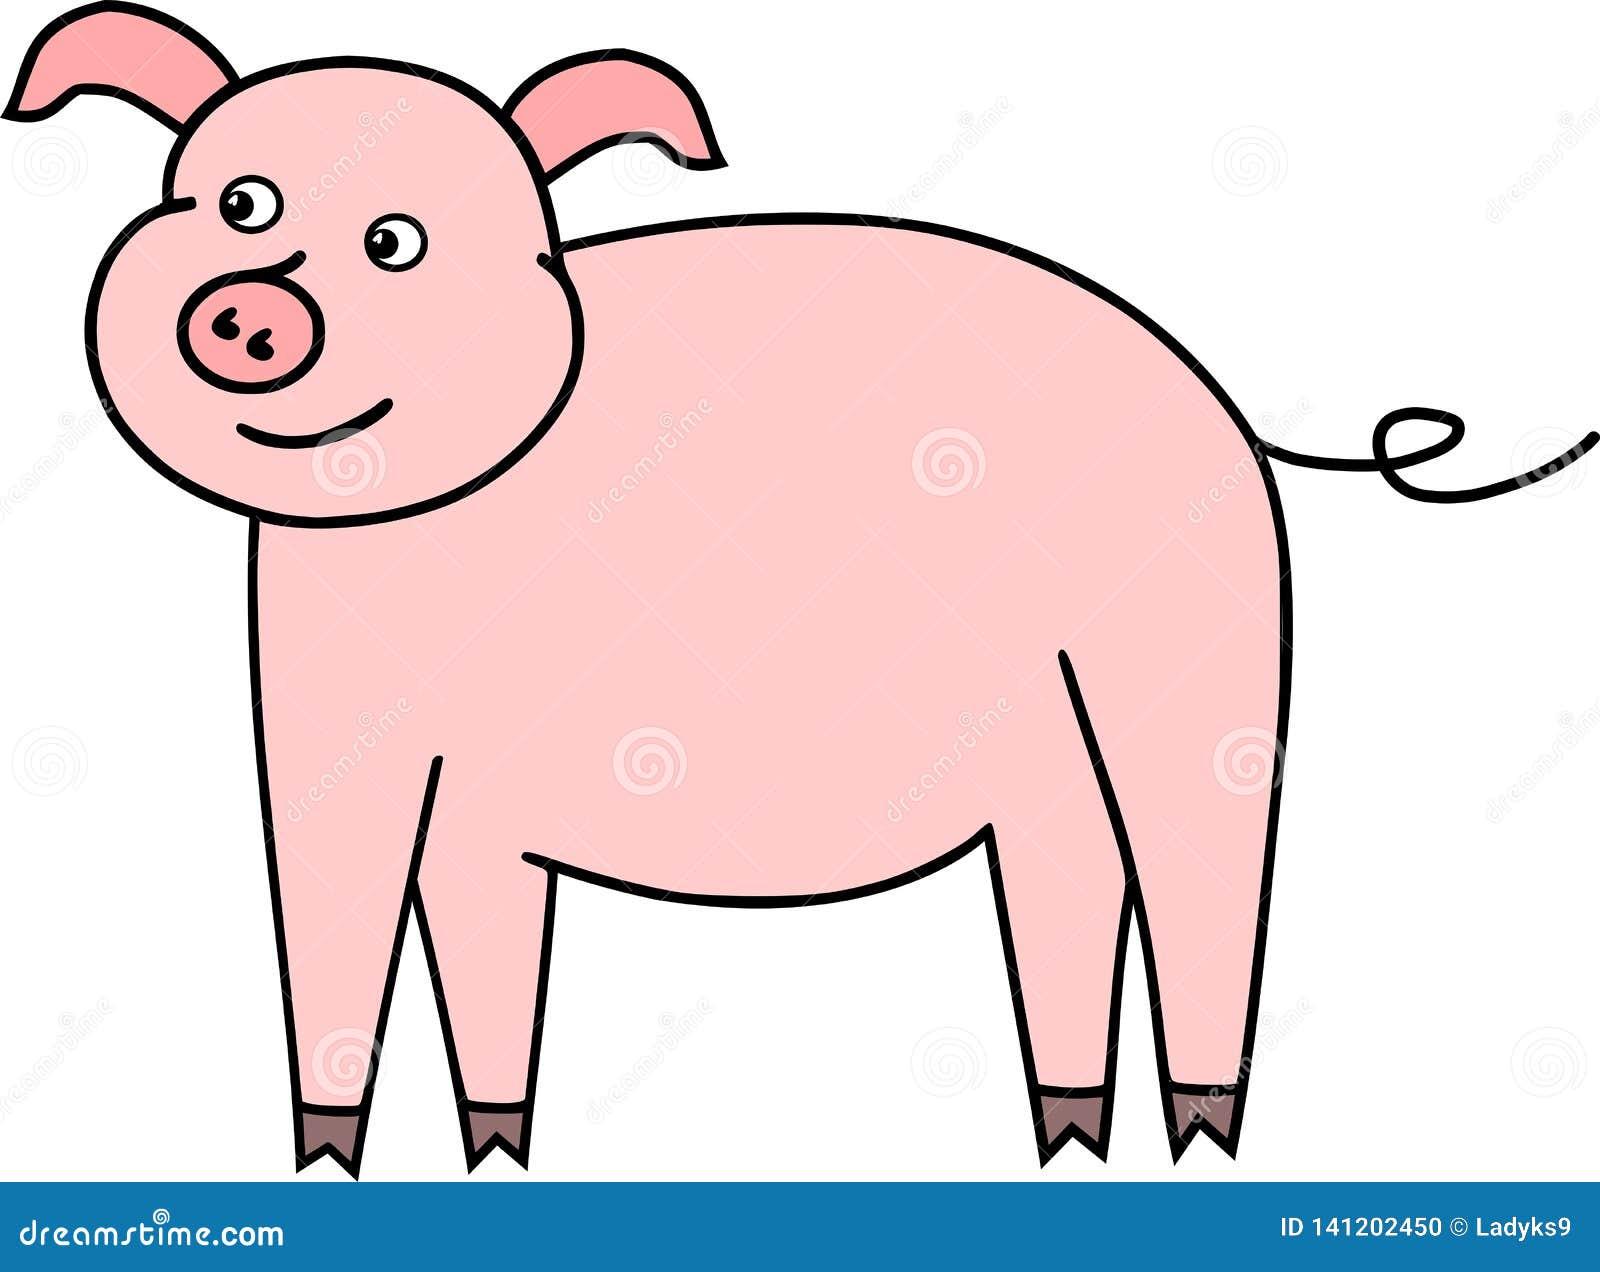 Funny little pig pink vektor piglet